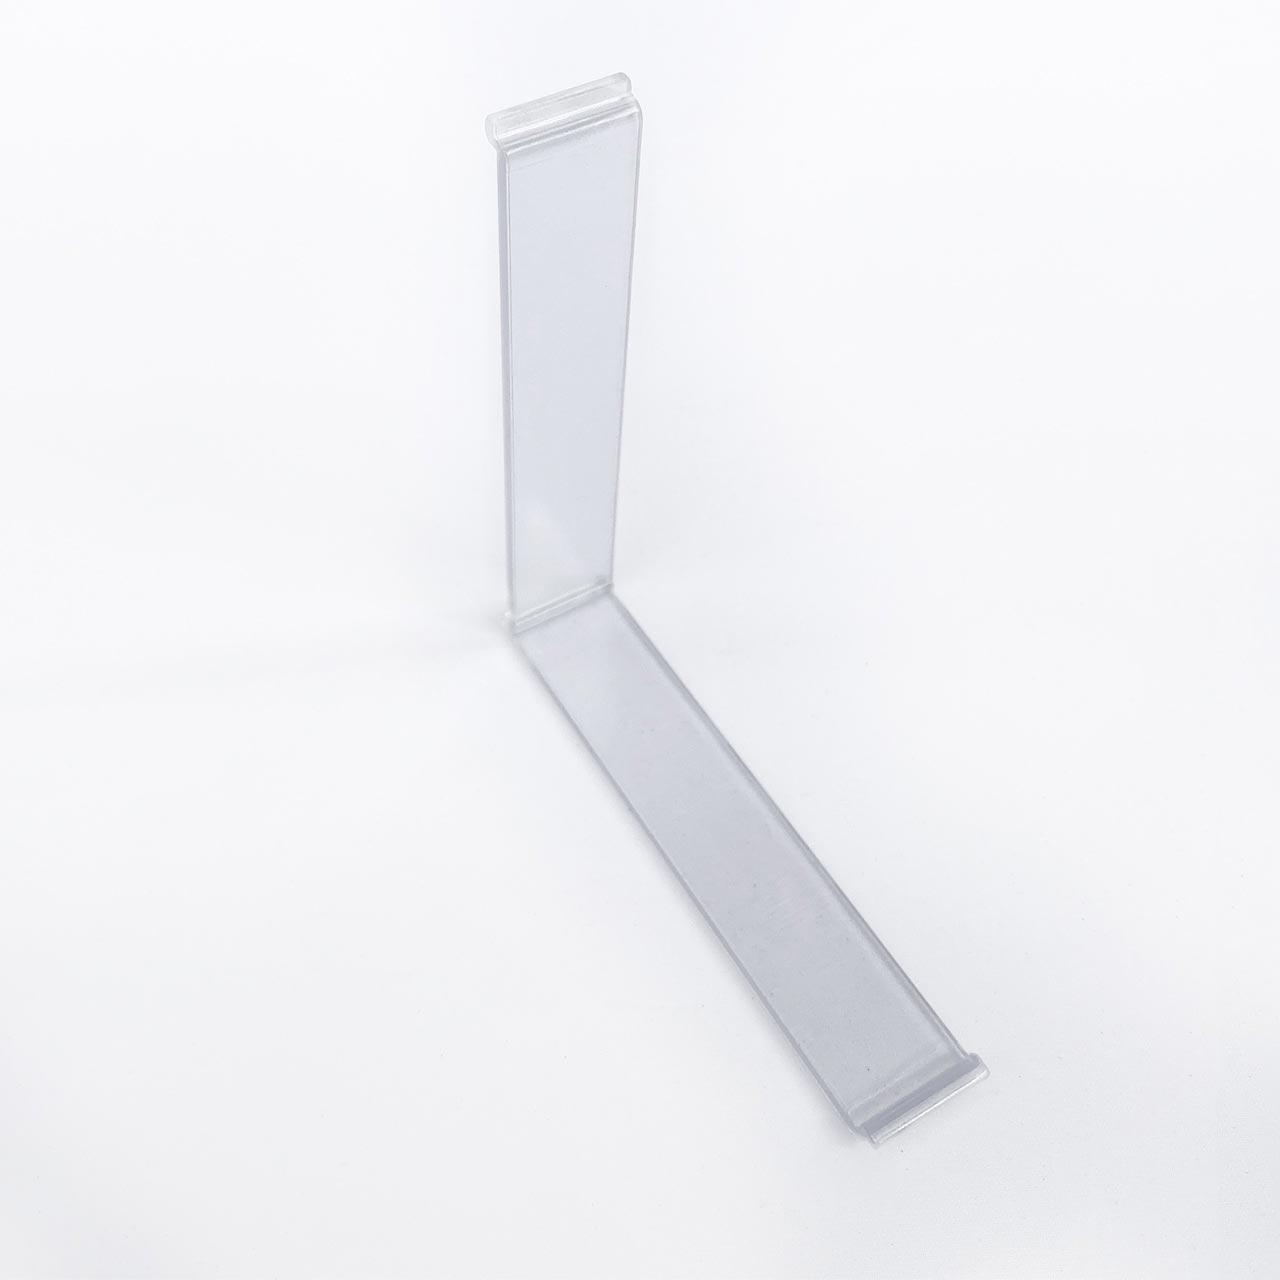 90°-Eckverbinder innen für Mobile Light Box – der mobile Leuchtkasten